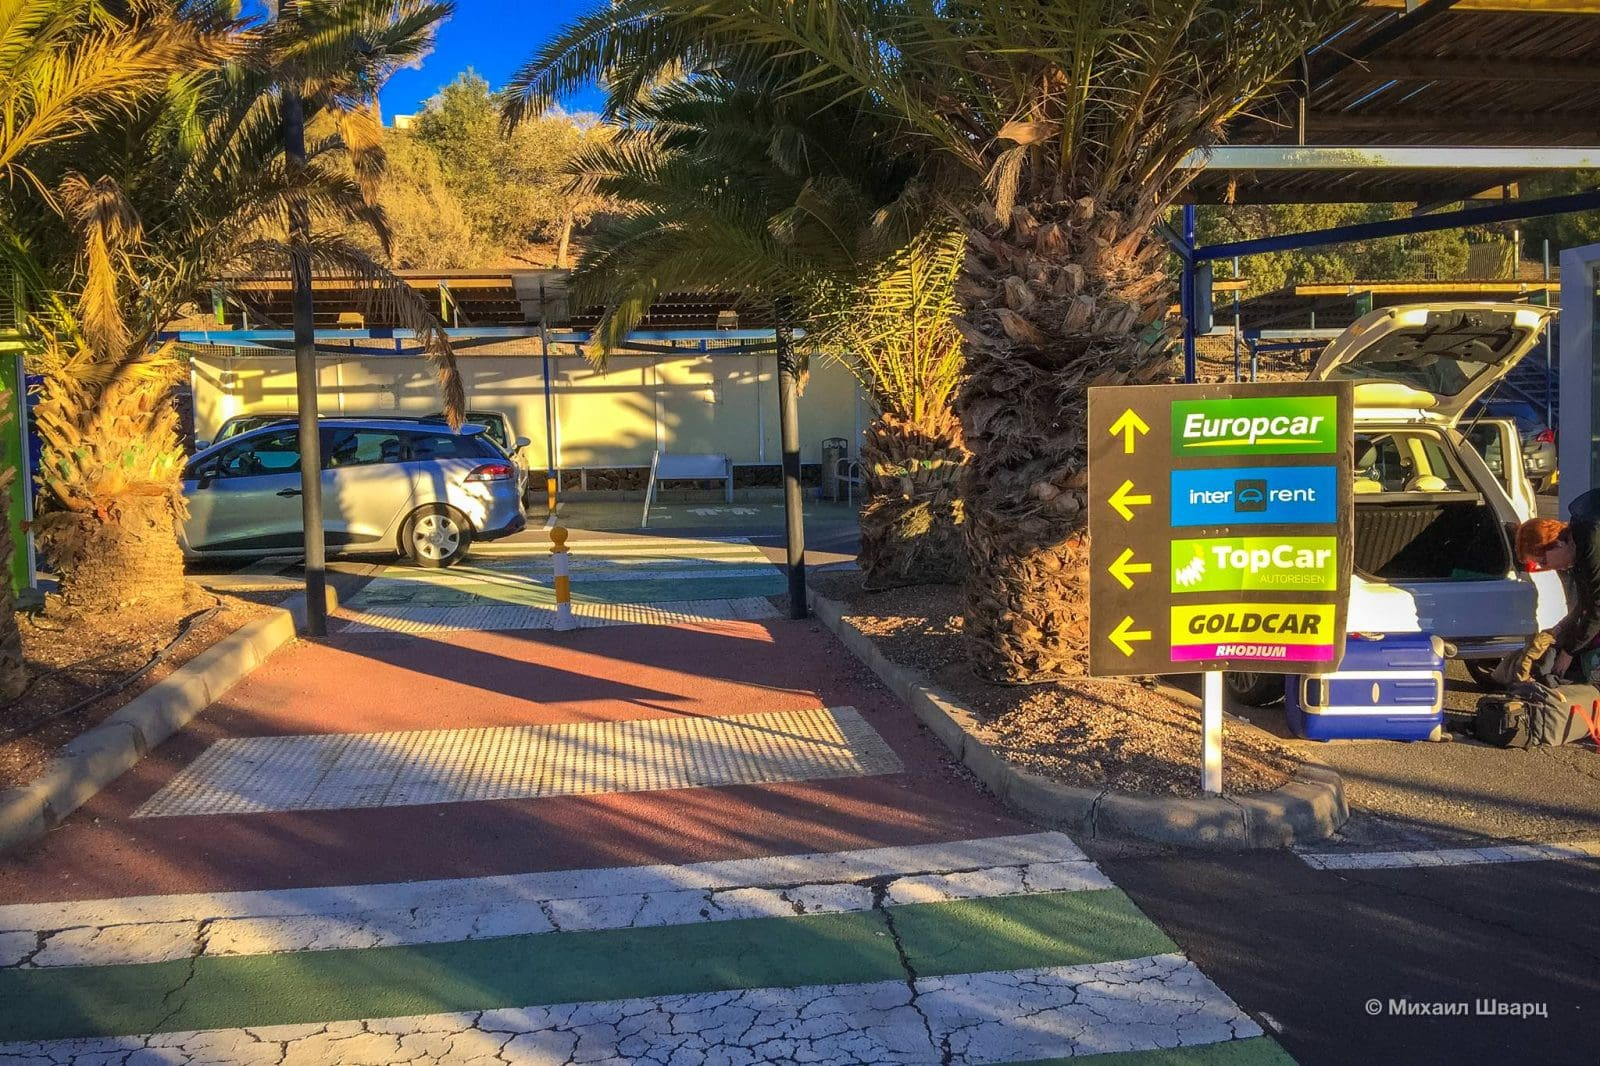 Указатели на парковки прокатных контор в аэропорту Тенерифе